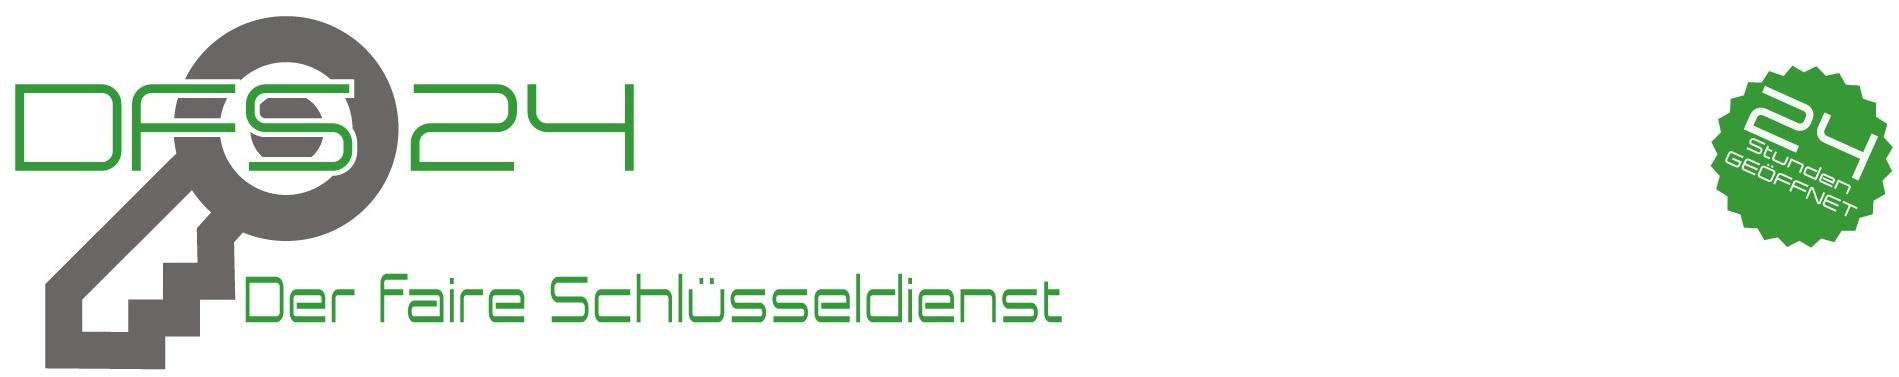 schlüsseldienst gladbeck logo